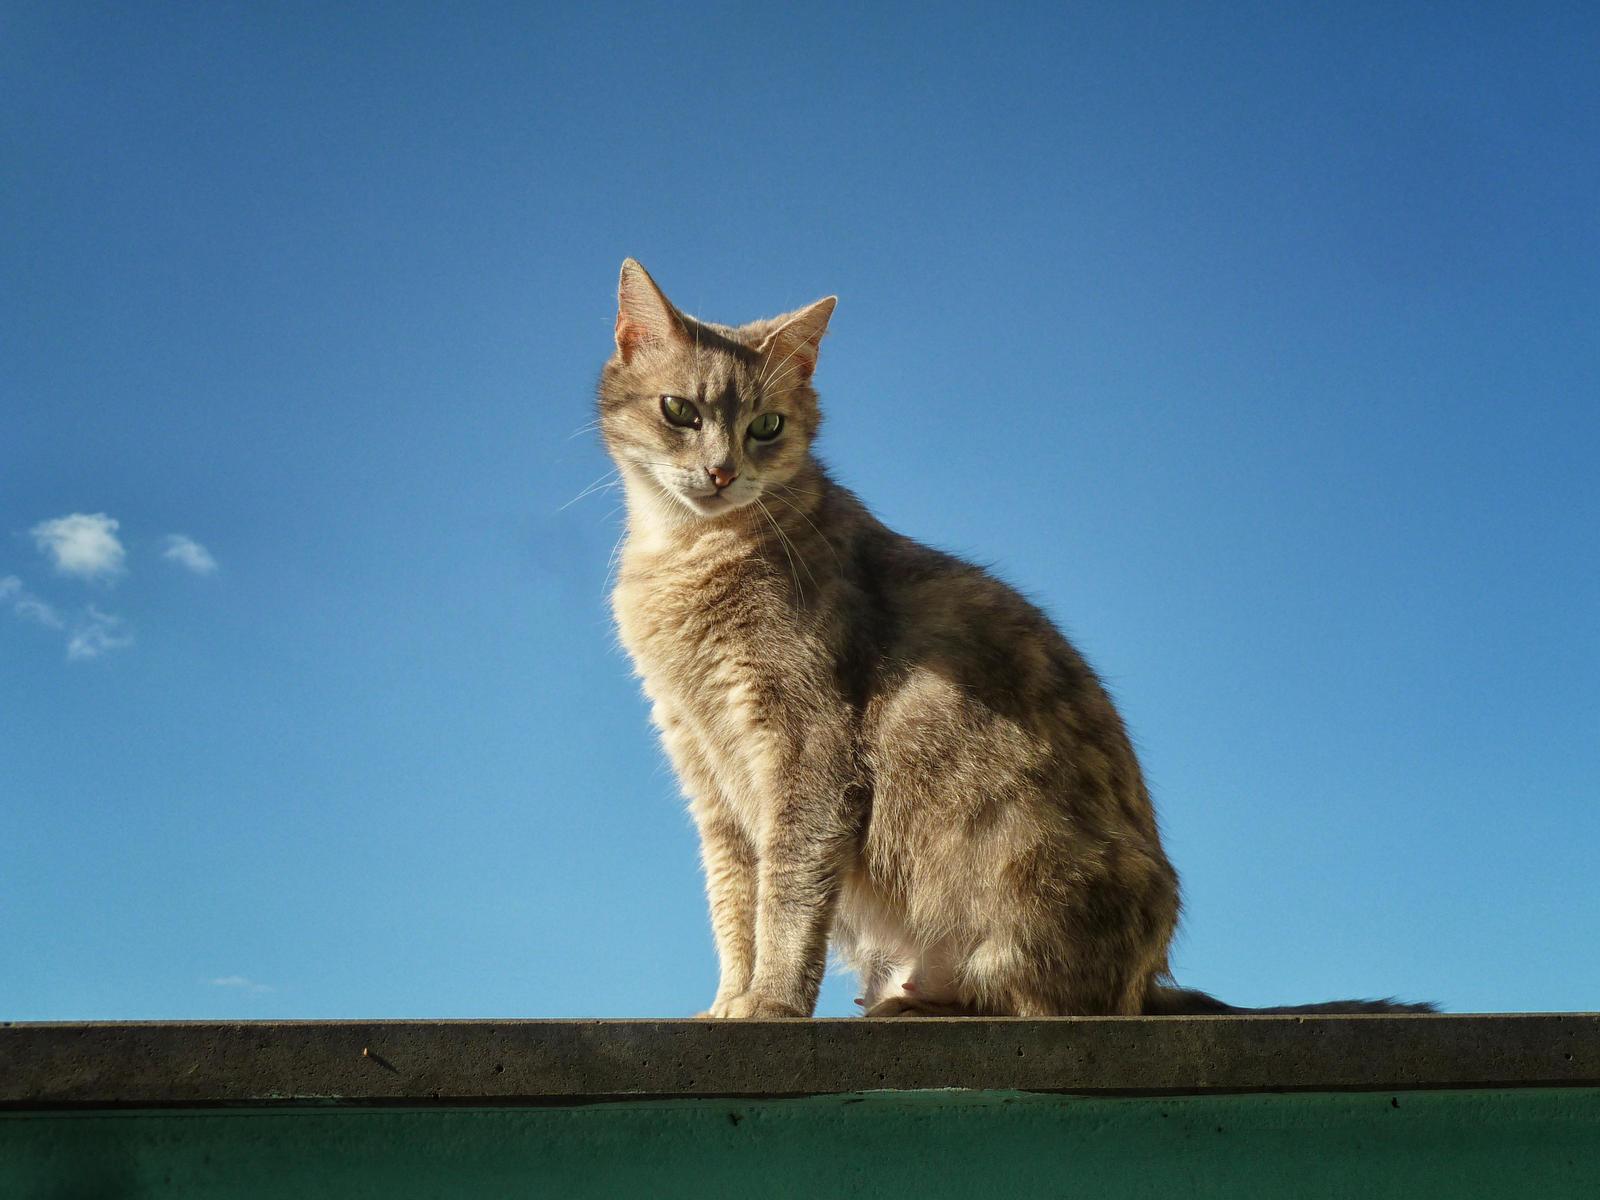 Cat in the sky by hiram67